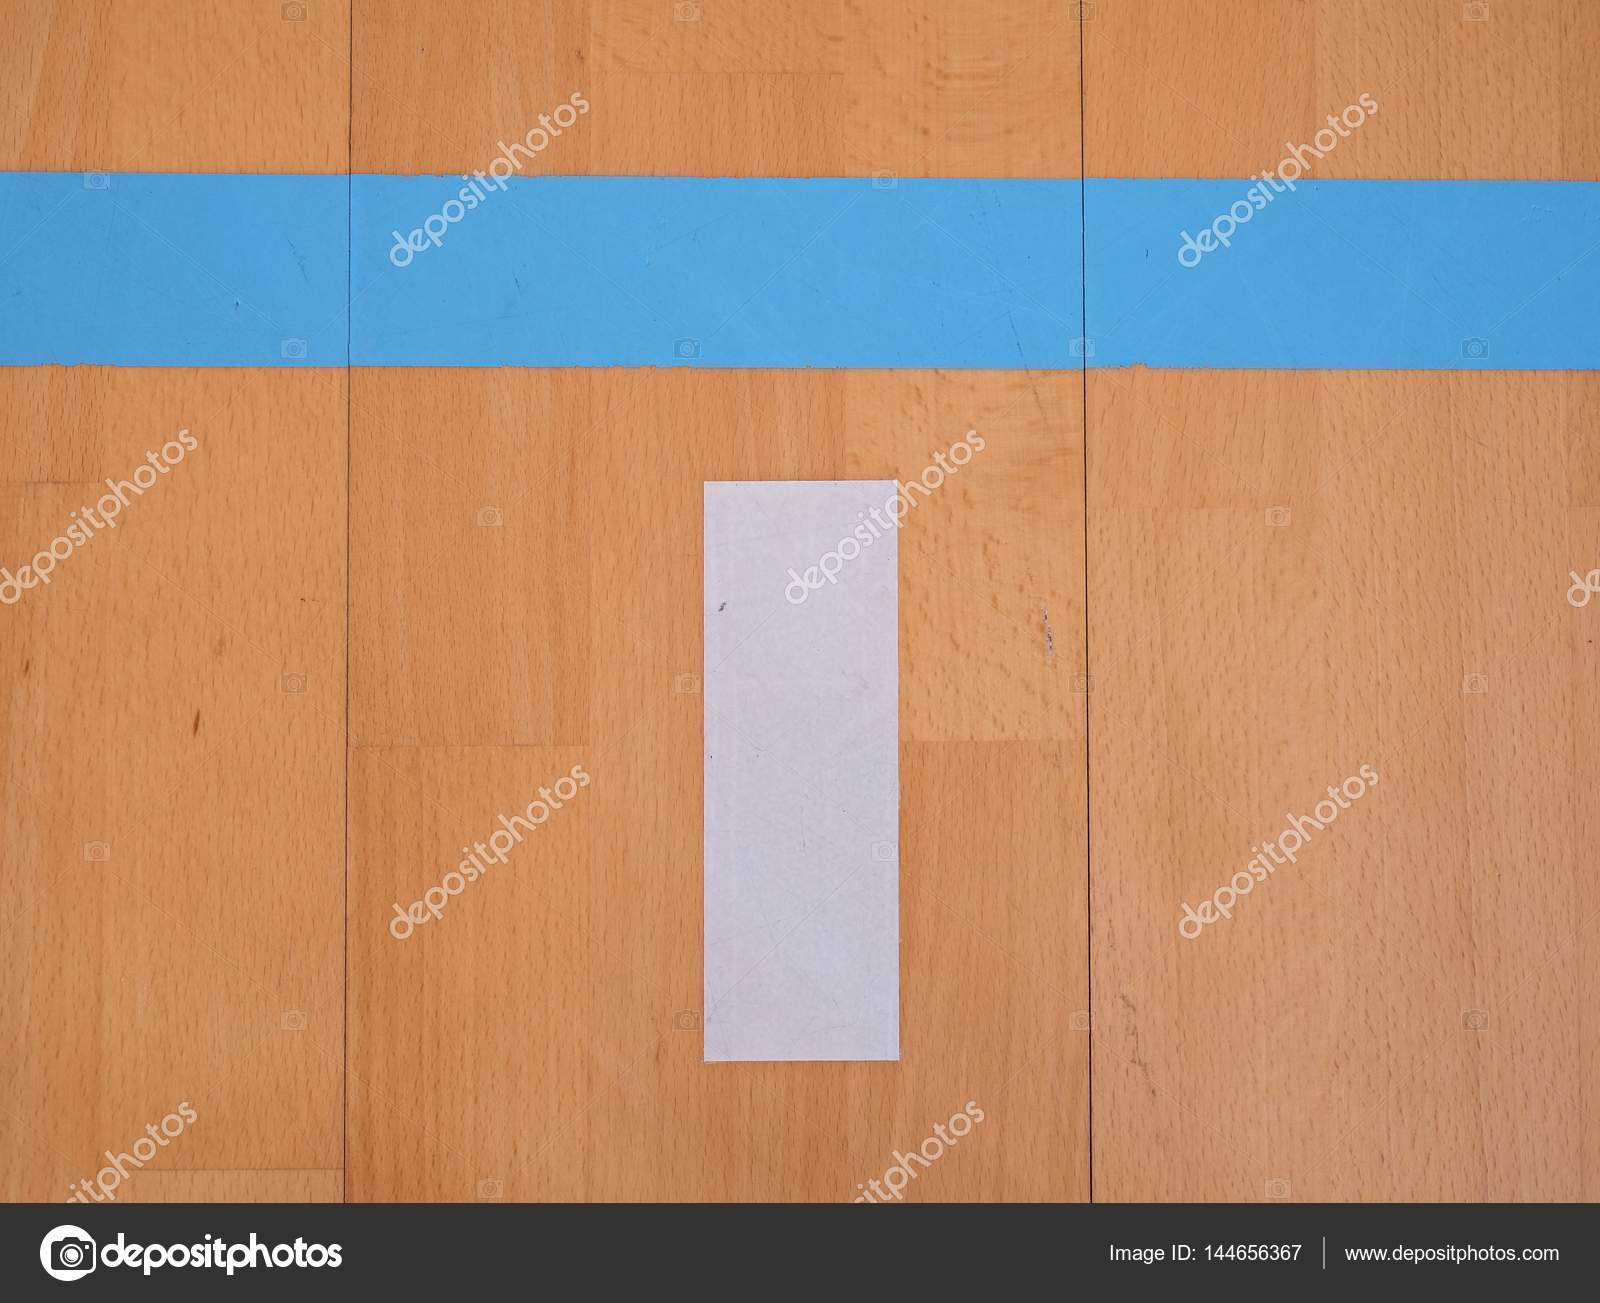 Holzfußboden Erneuern ~ Weiße linie in halle spielplatz. erneuerung holzboden u2014 stockfoto